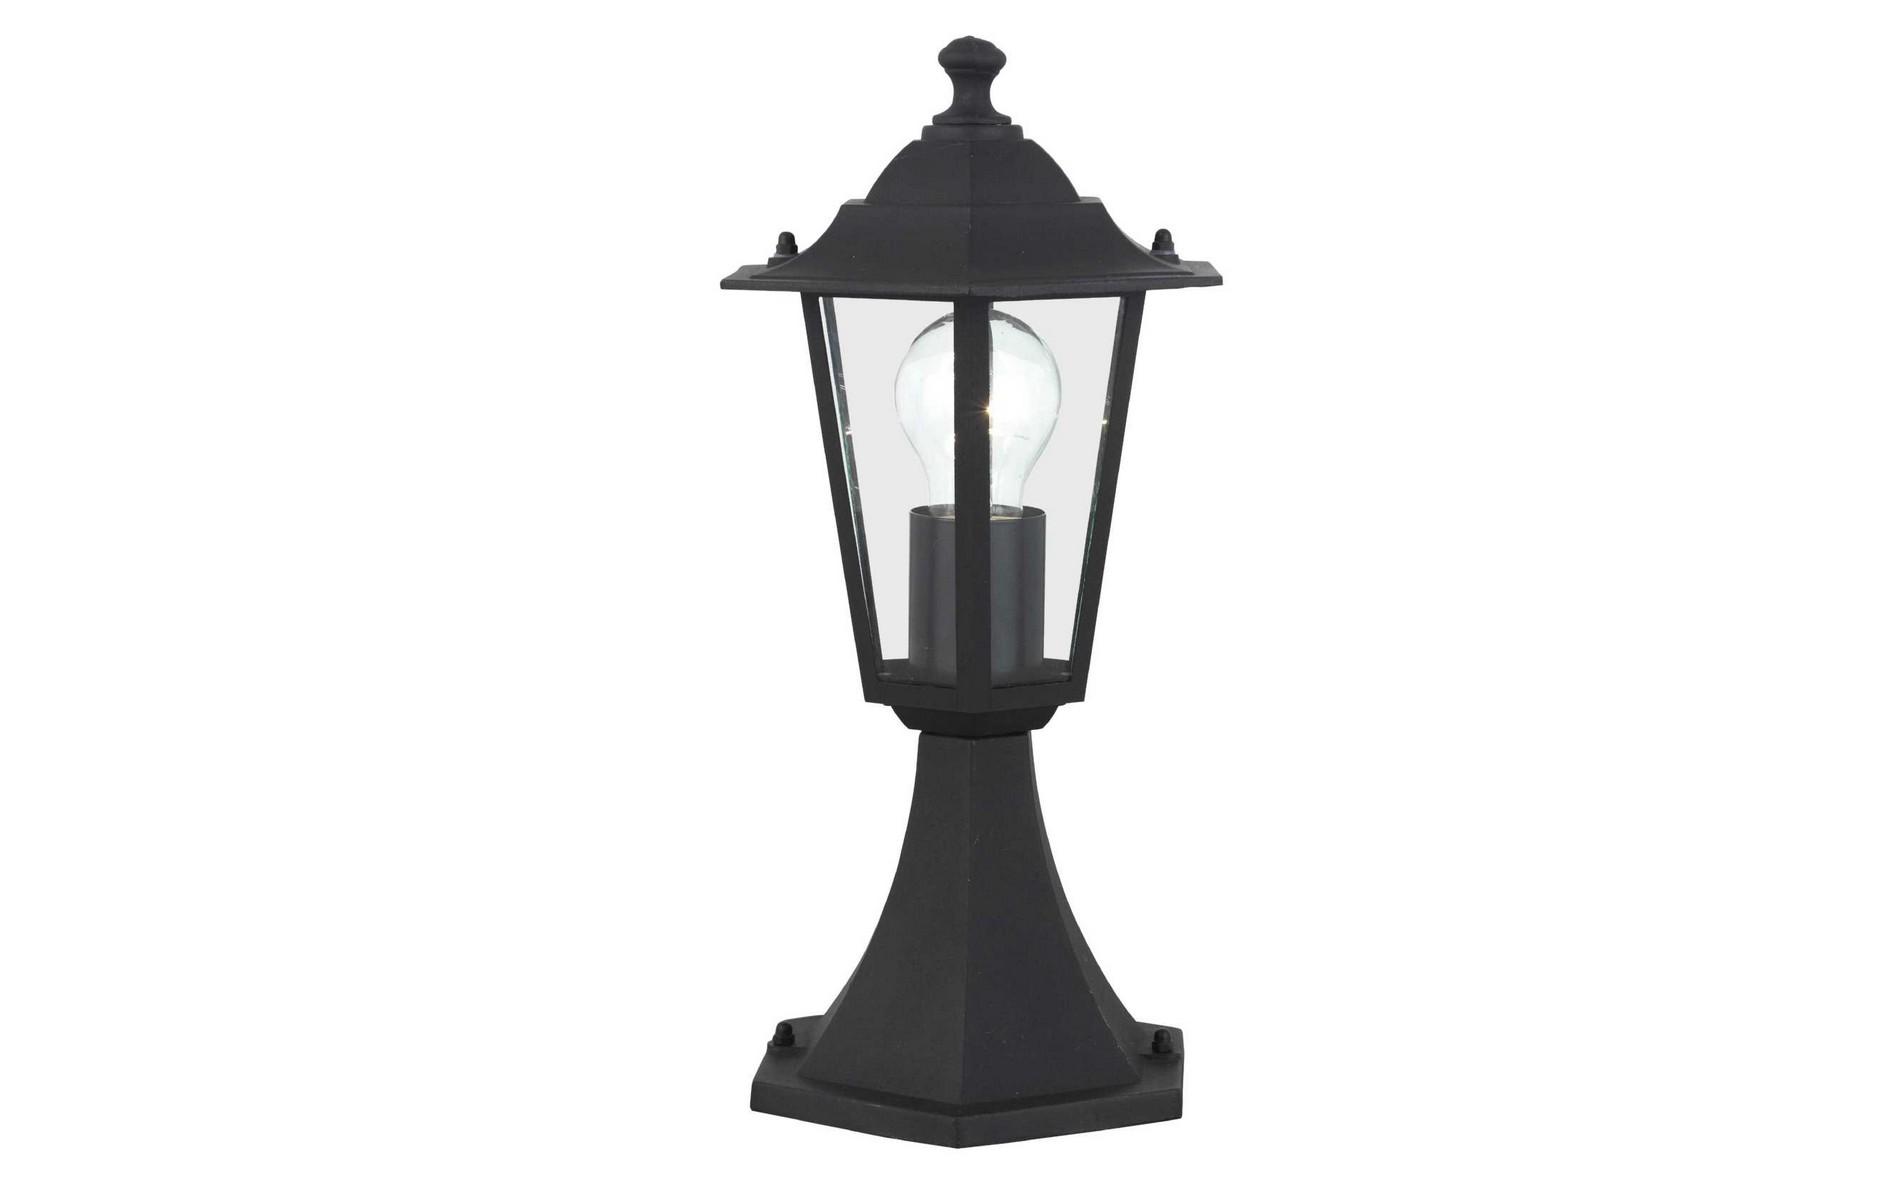 Уличный светильник Brilliant 4153322 от thefurnish